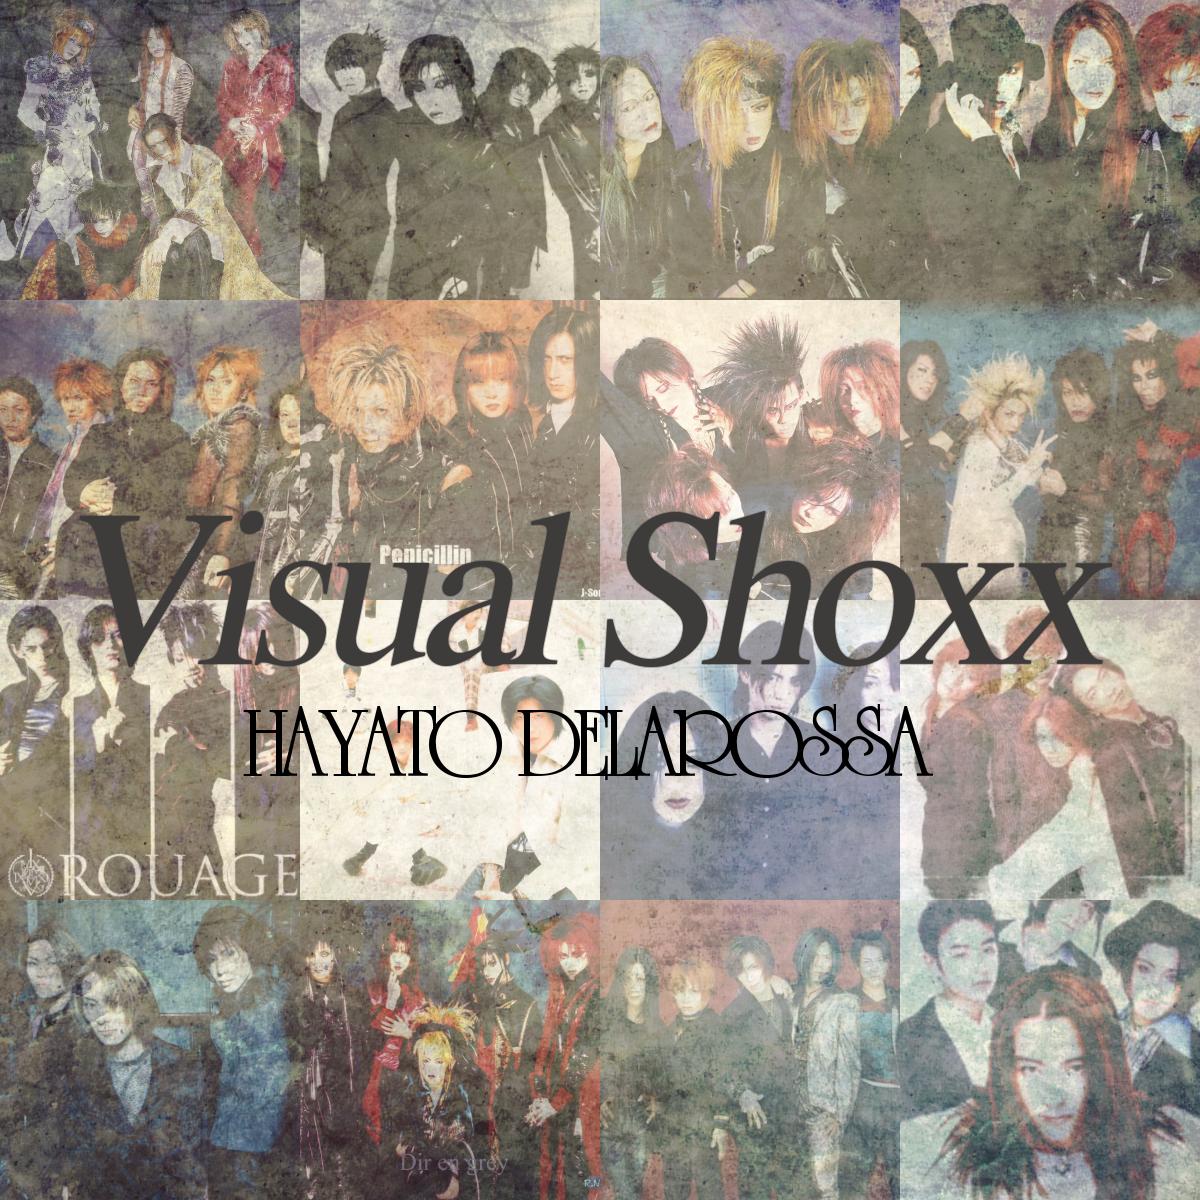 Visual Shoxx track list